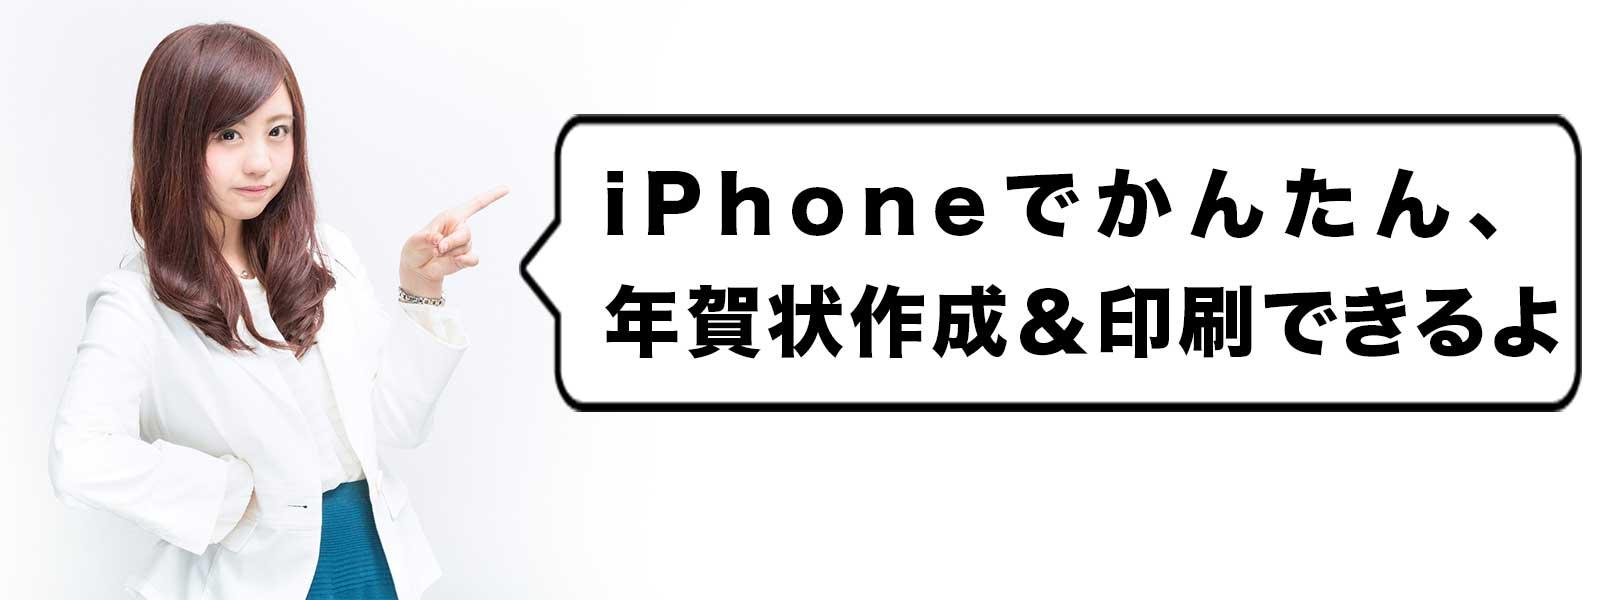 iPhoneでかんたん!年賀状作成